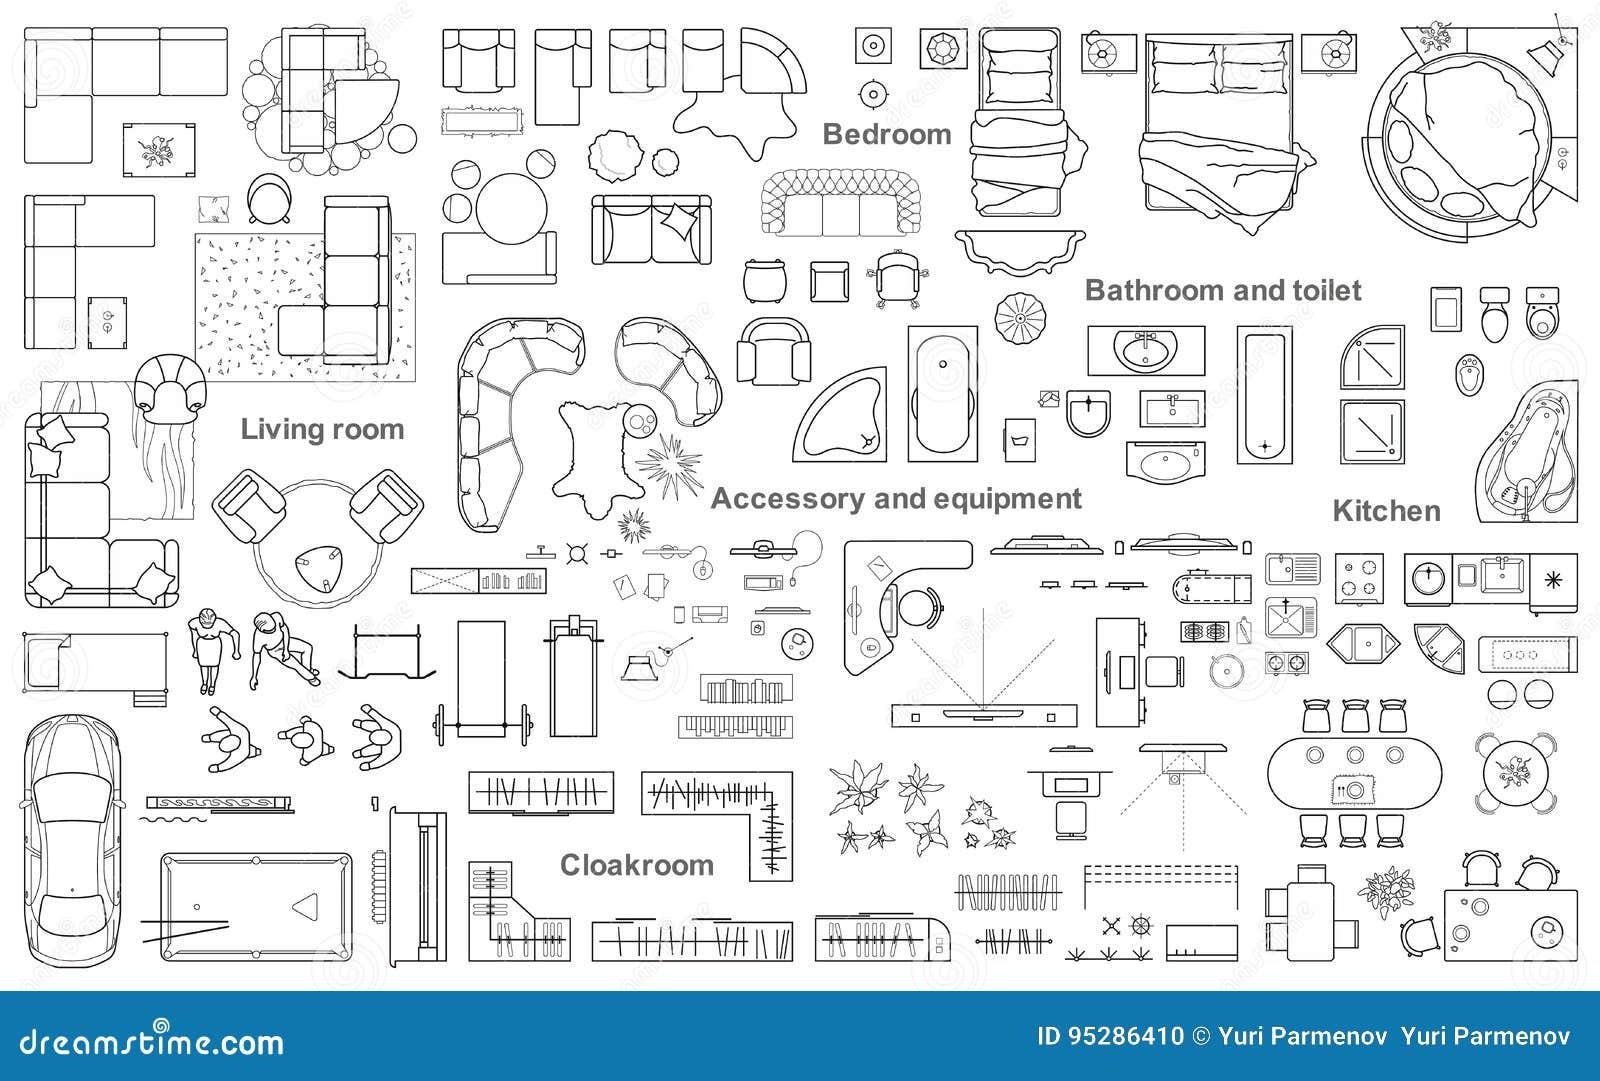 Plan stock fotos melden sie sich kostenlos an for Couch zeichnen